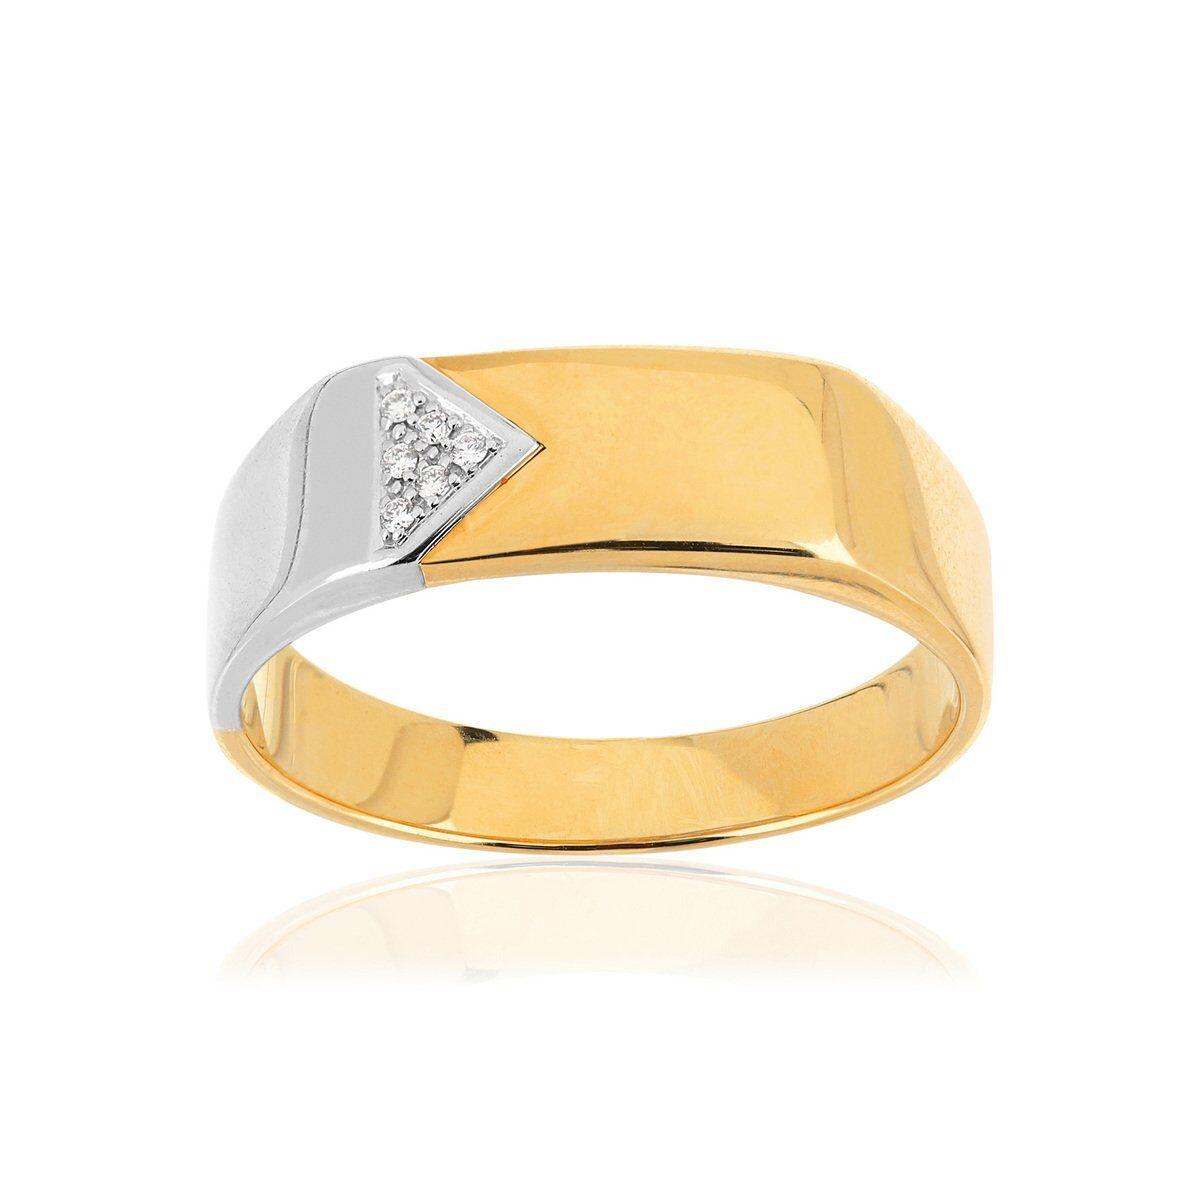 MATY Chevaliere 2 ors 375 diamant - 67,68,70,61,69,62,64,65,54,56,59,60,63,55,57,66,58